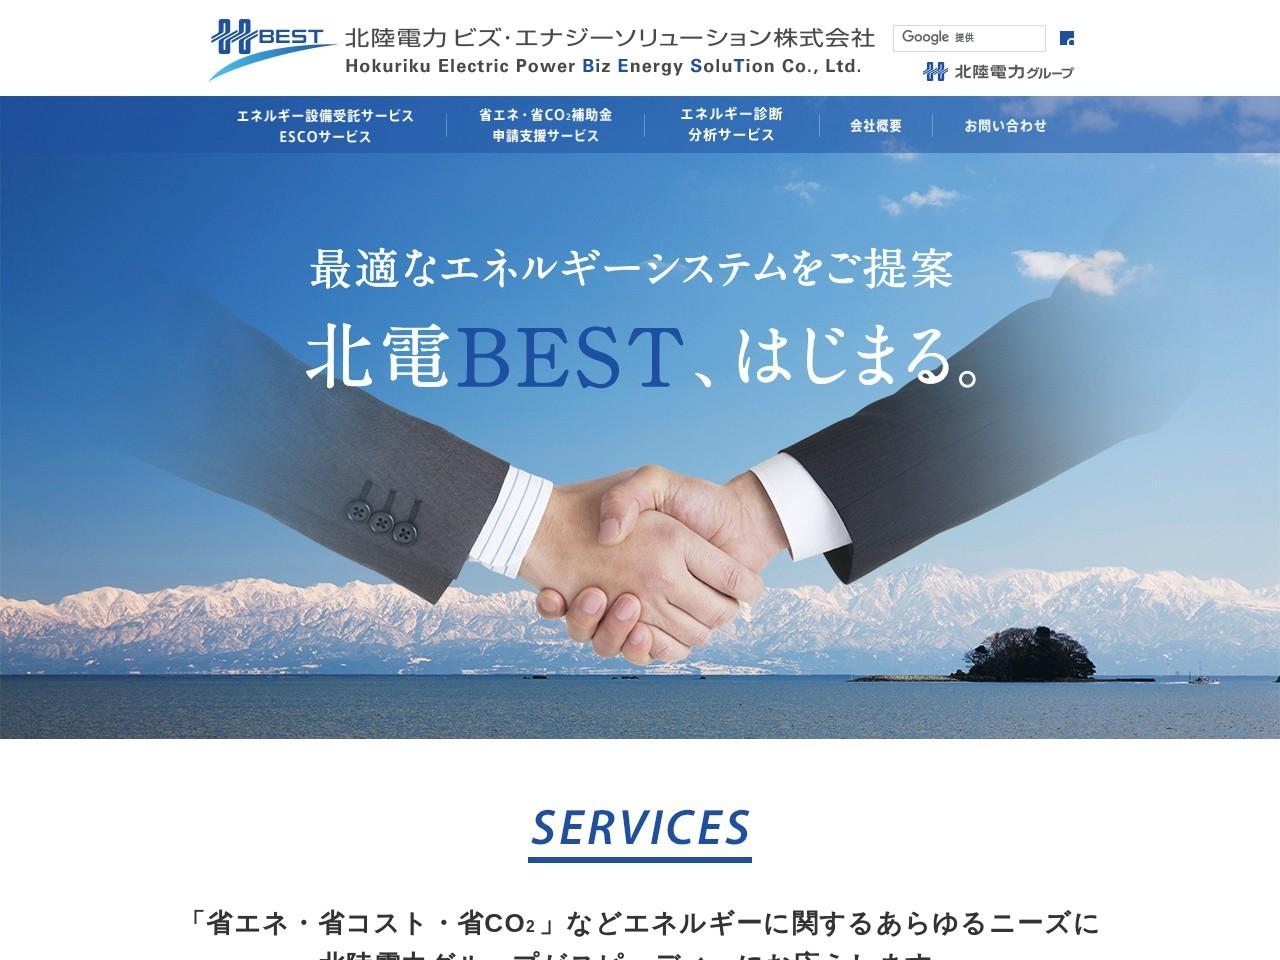 北陸電力ビズ・エナジーソリューション株式会社